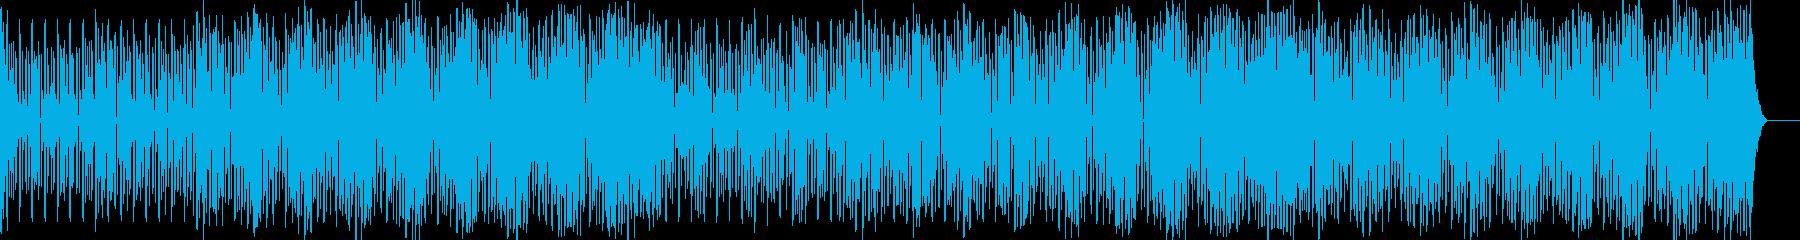 浮遊し増殖しつつ段階的に下降してゆく音階の再生済みの波形